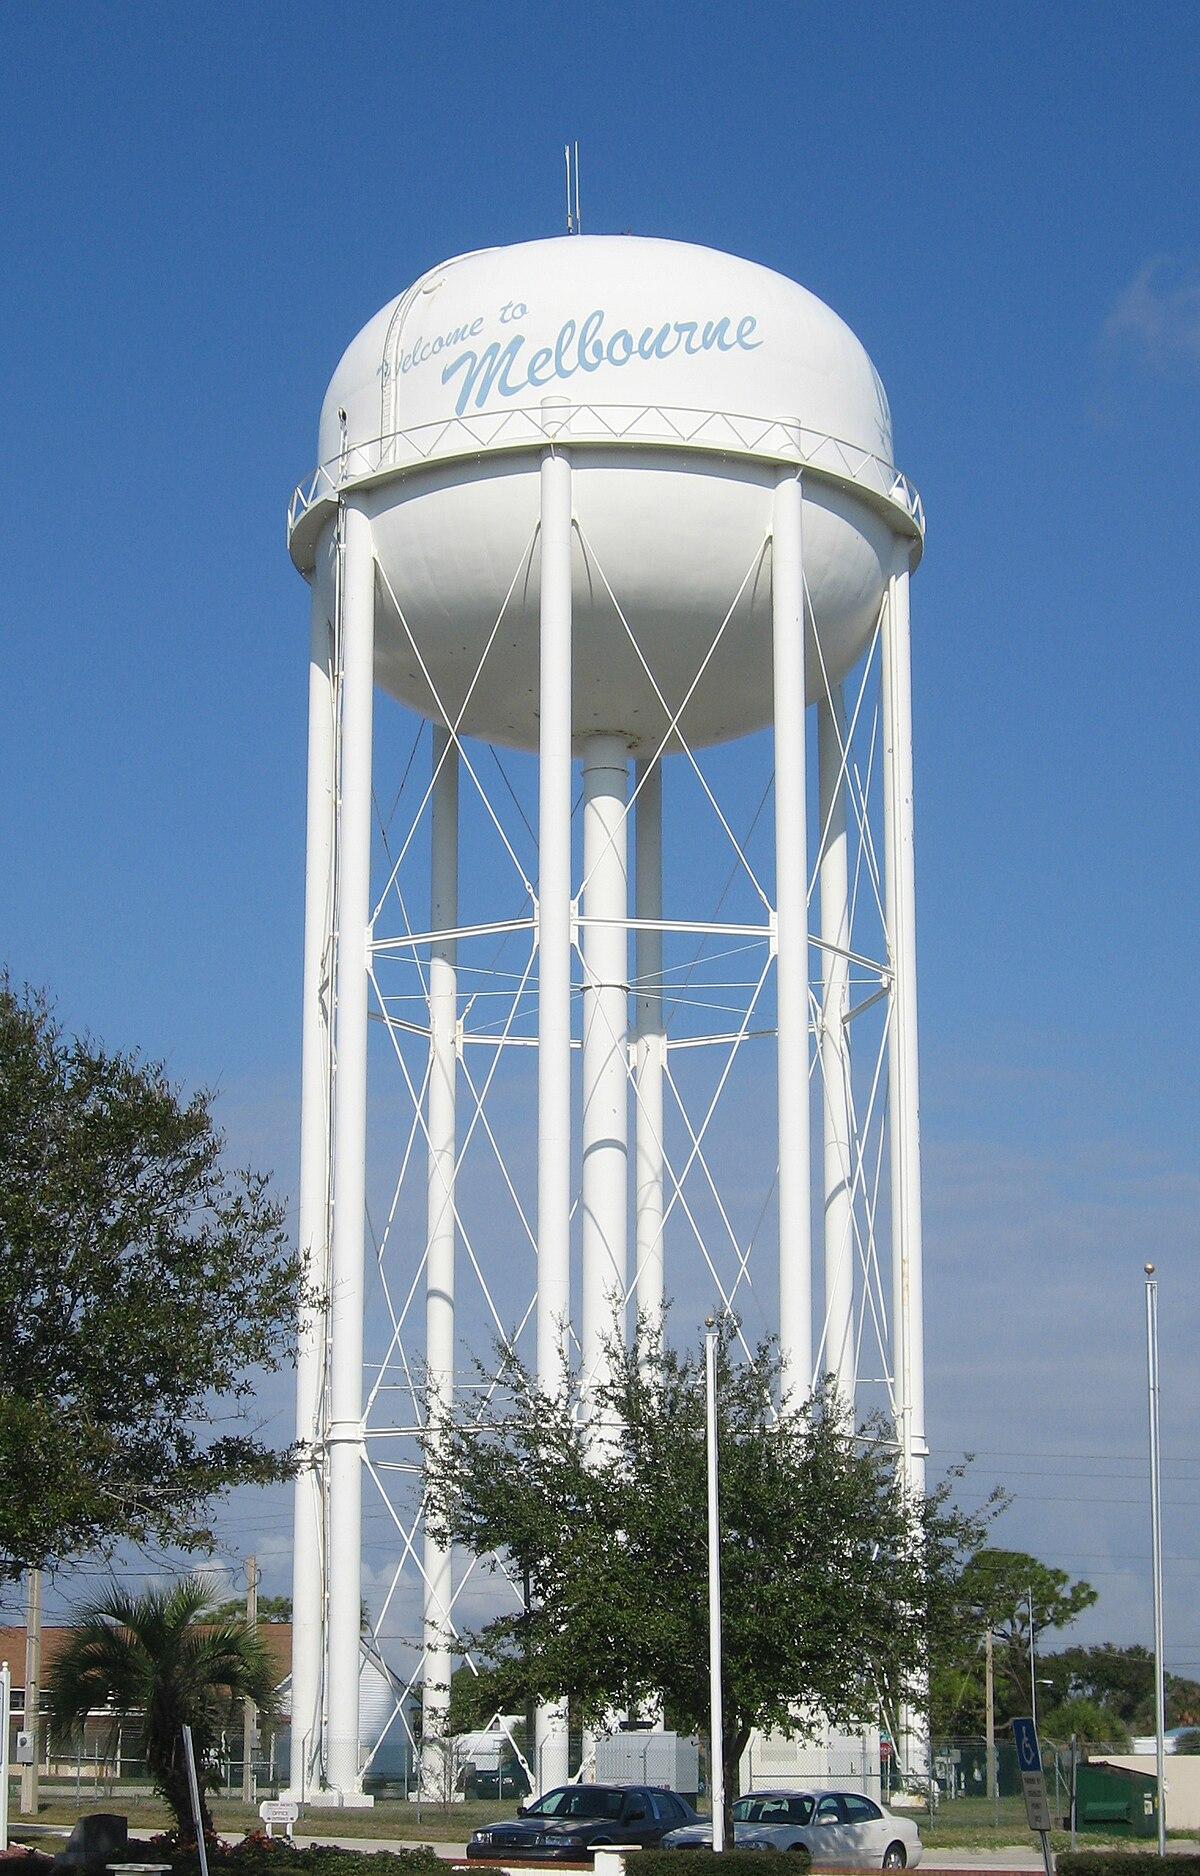 Torre de agua wikipedia la enciclopedia libre - Contenedor de agua ...